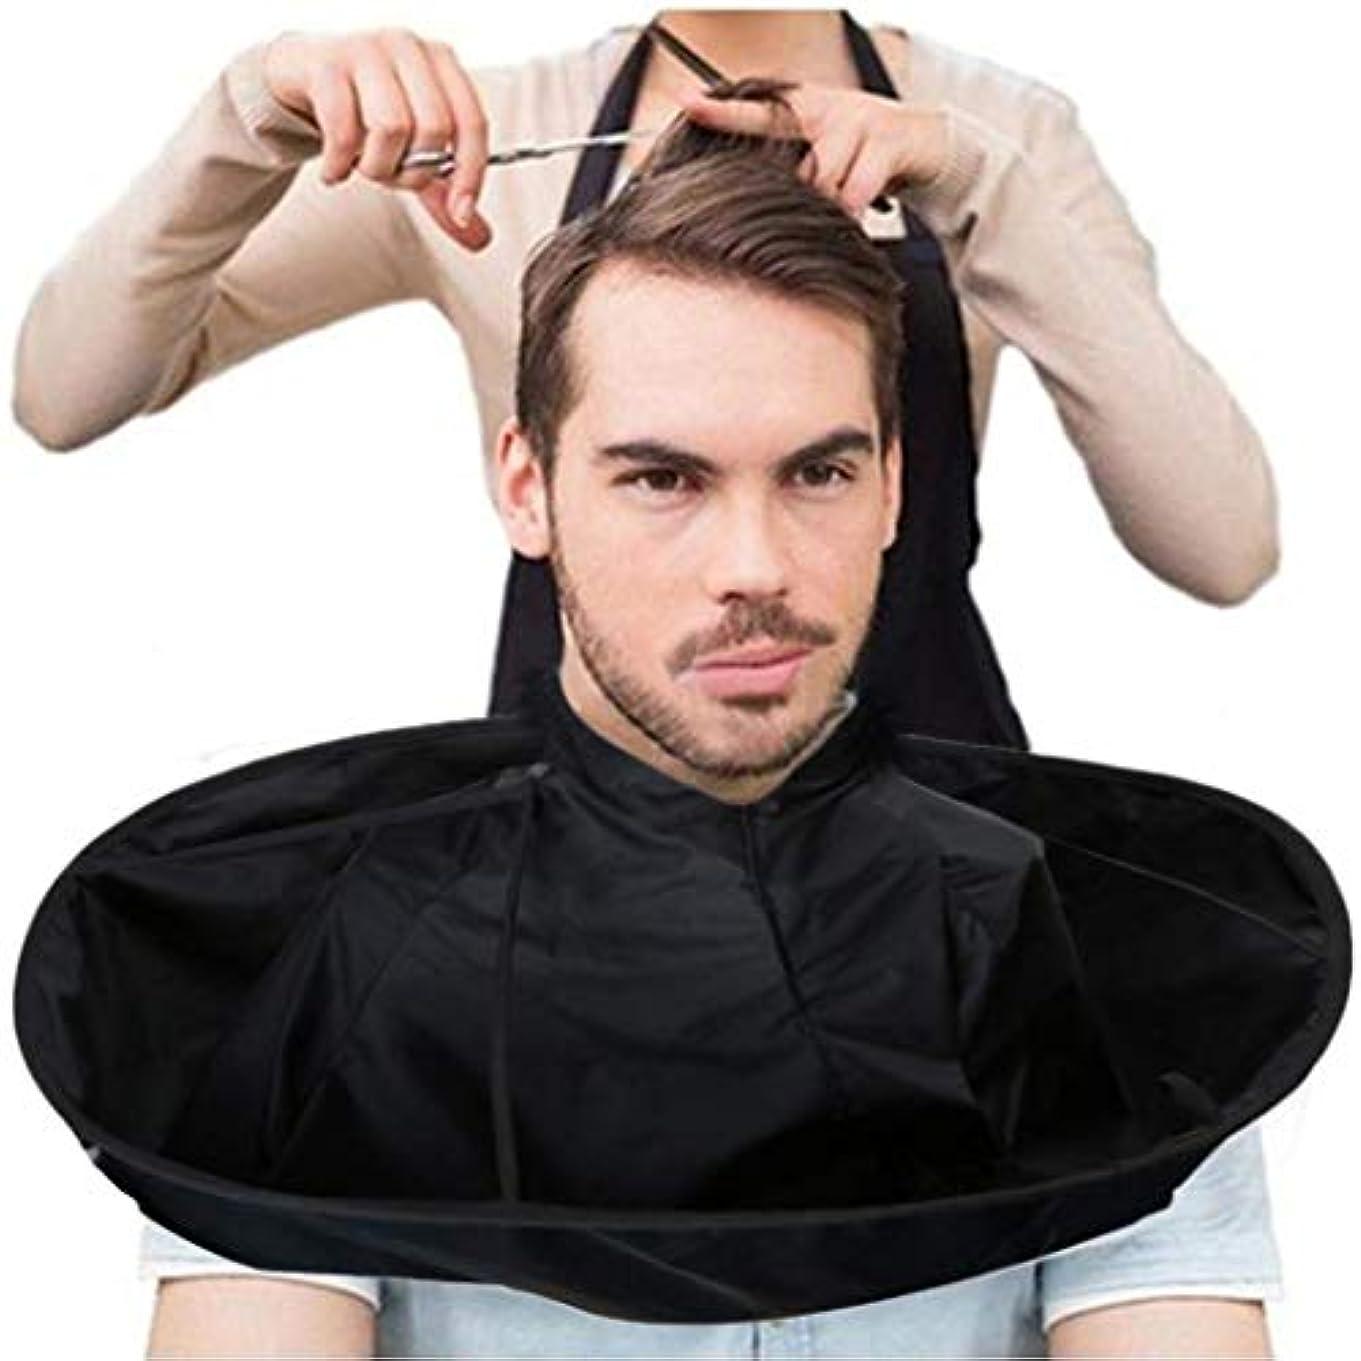 動前奏曲イタリックOrient Direct 美容師のための理髪師のマントの練習のヘアカットのよだれかけのヘアカットのエプロン